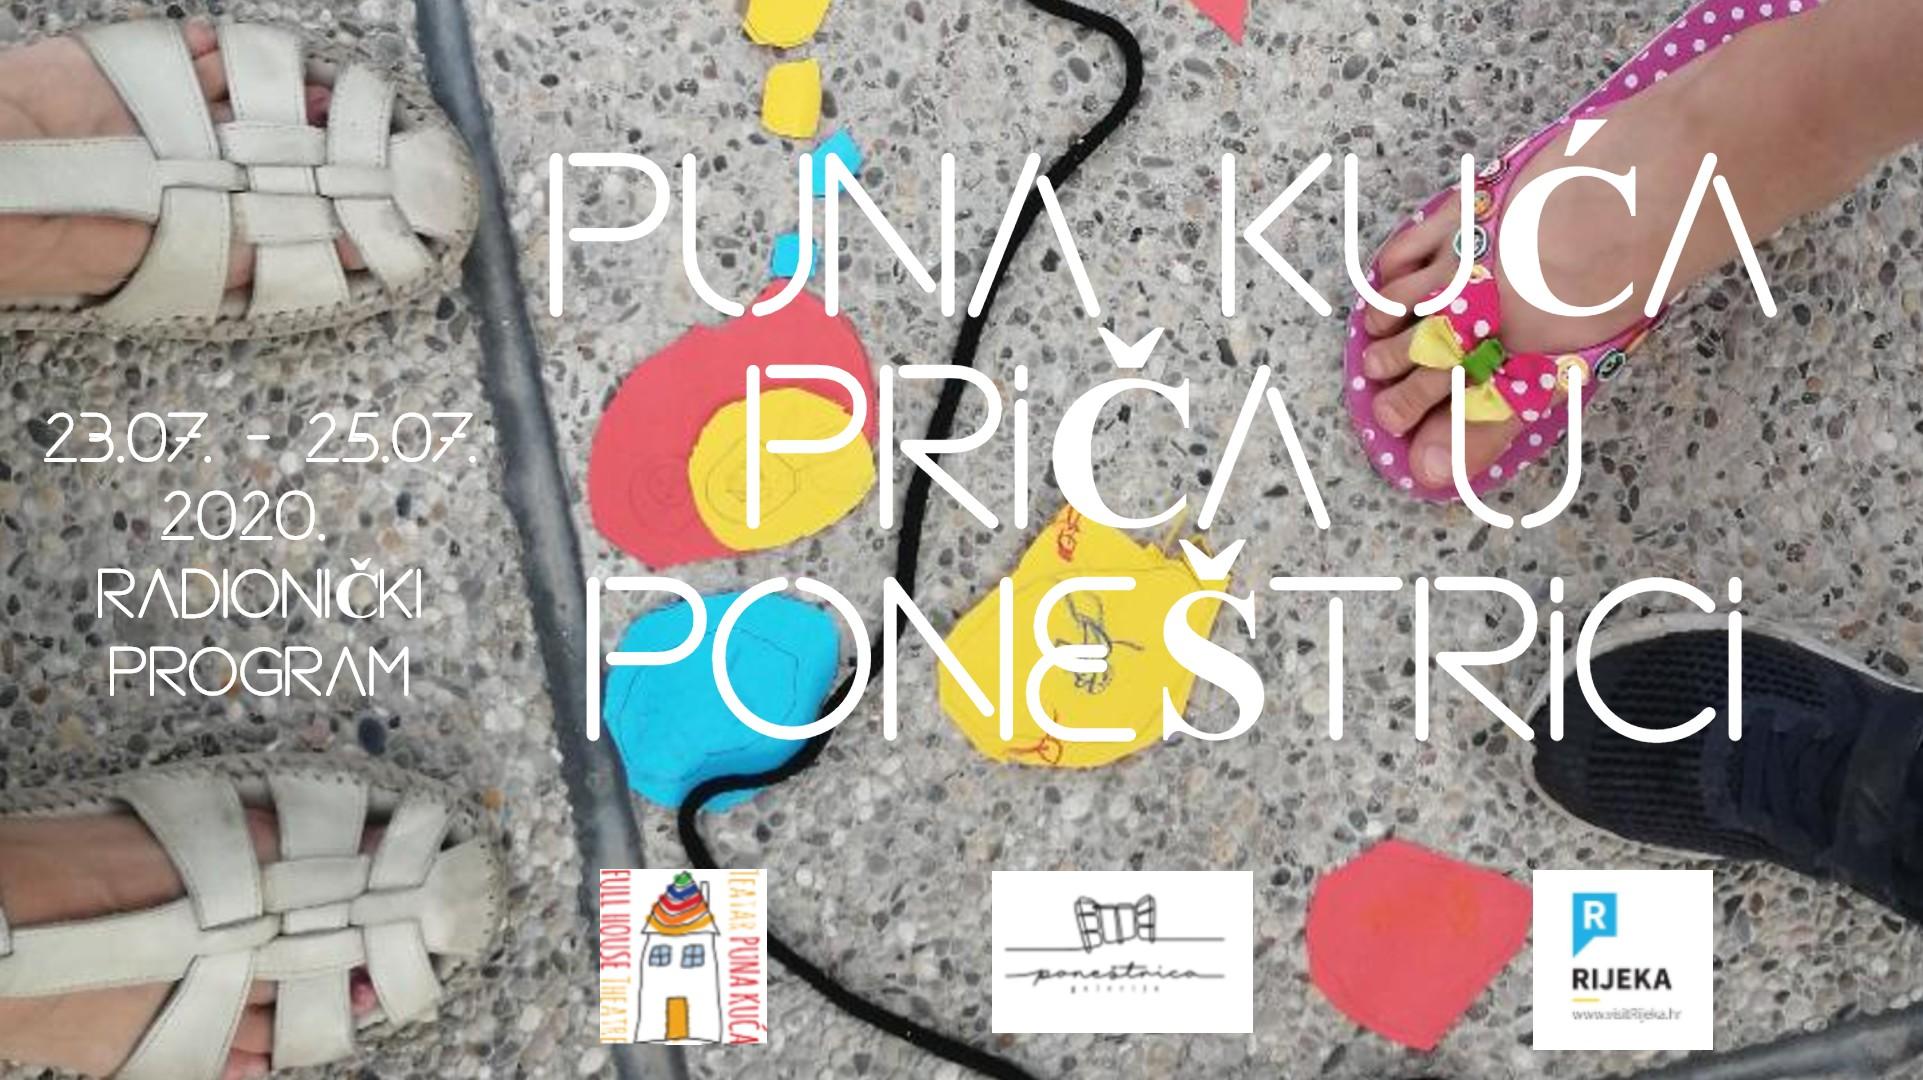 """Galerija """"Poneštrica"""" u suradnji s Teatrom Puna kuća predstavlja novi projekt"""